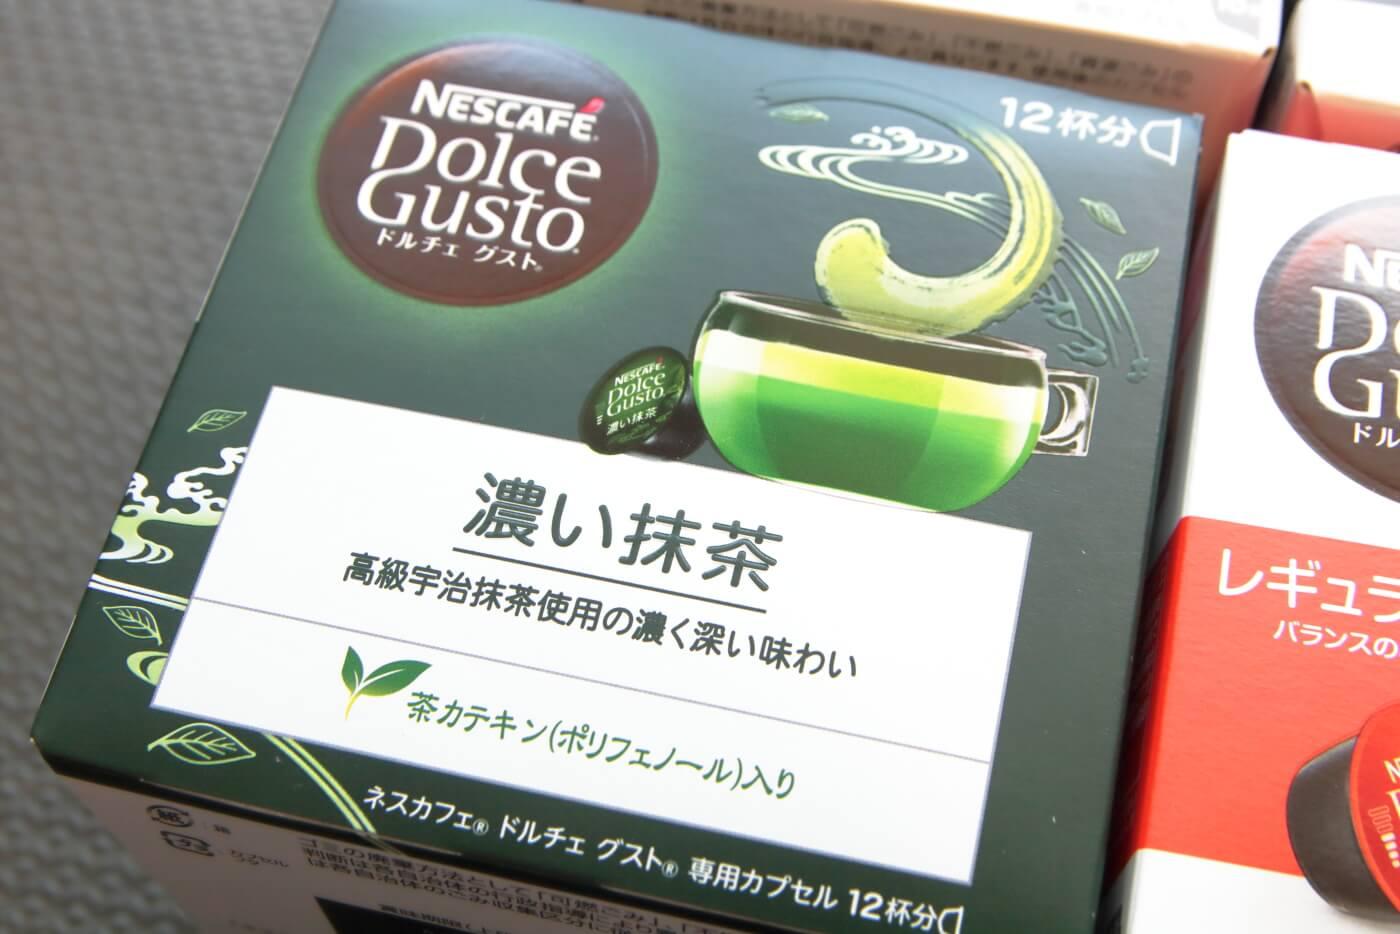 ドルチェグスト 抹茶のカプセル